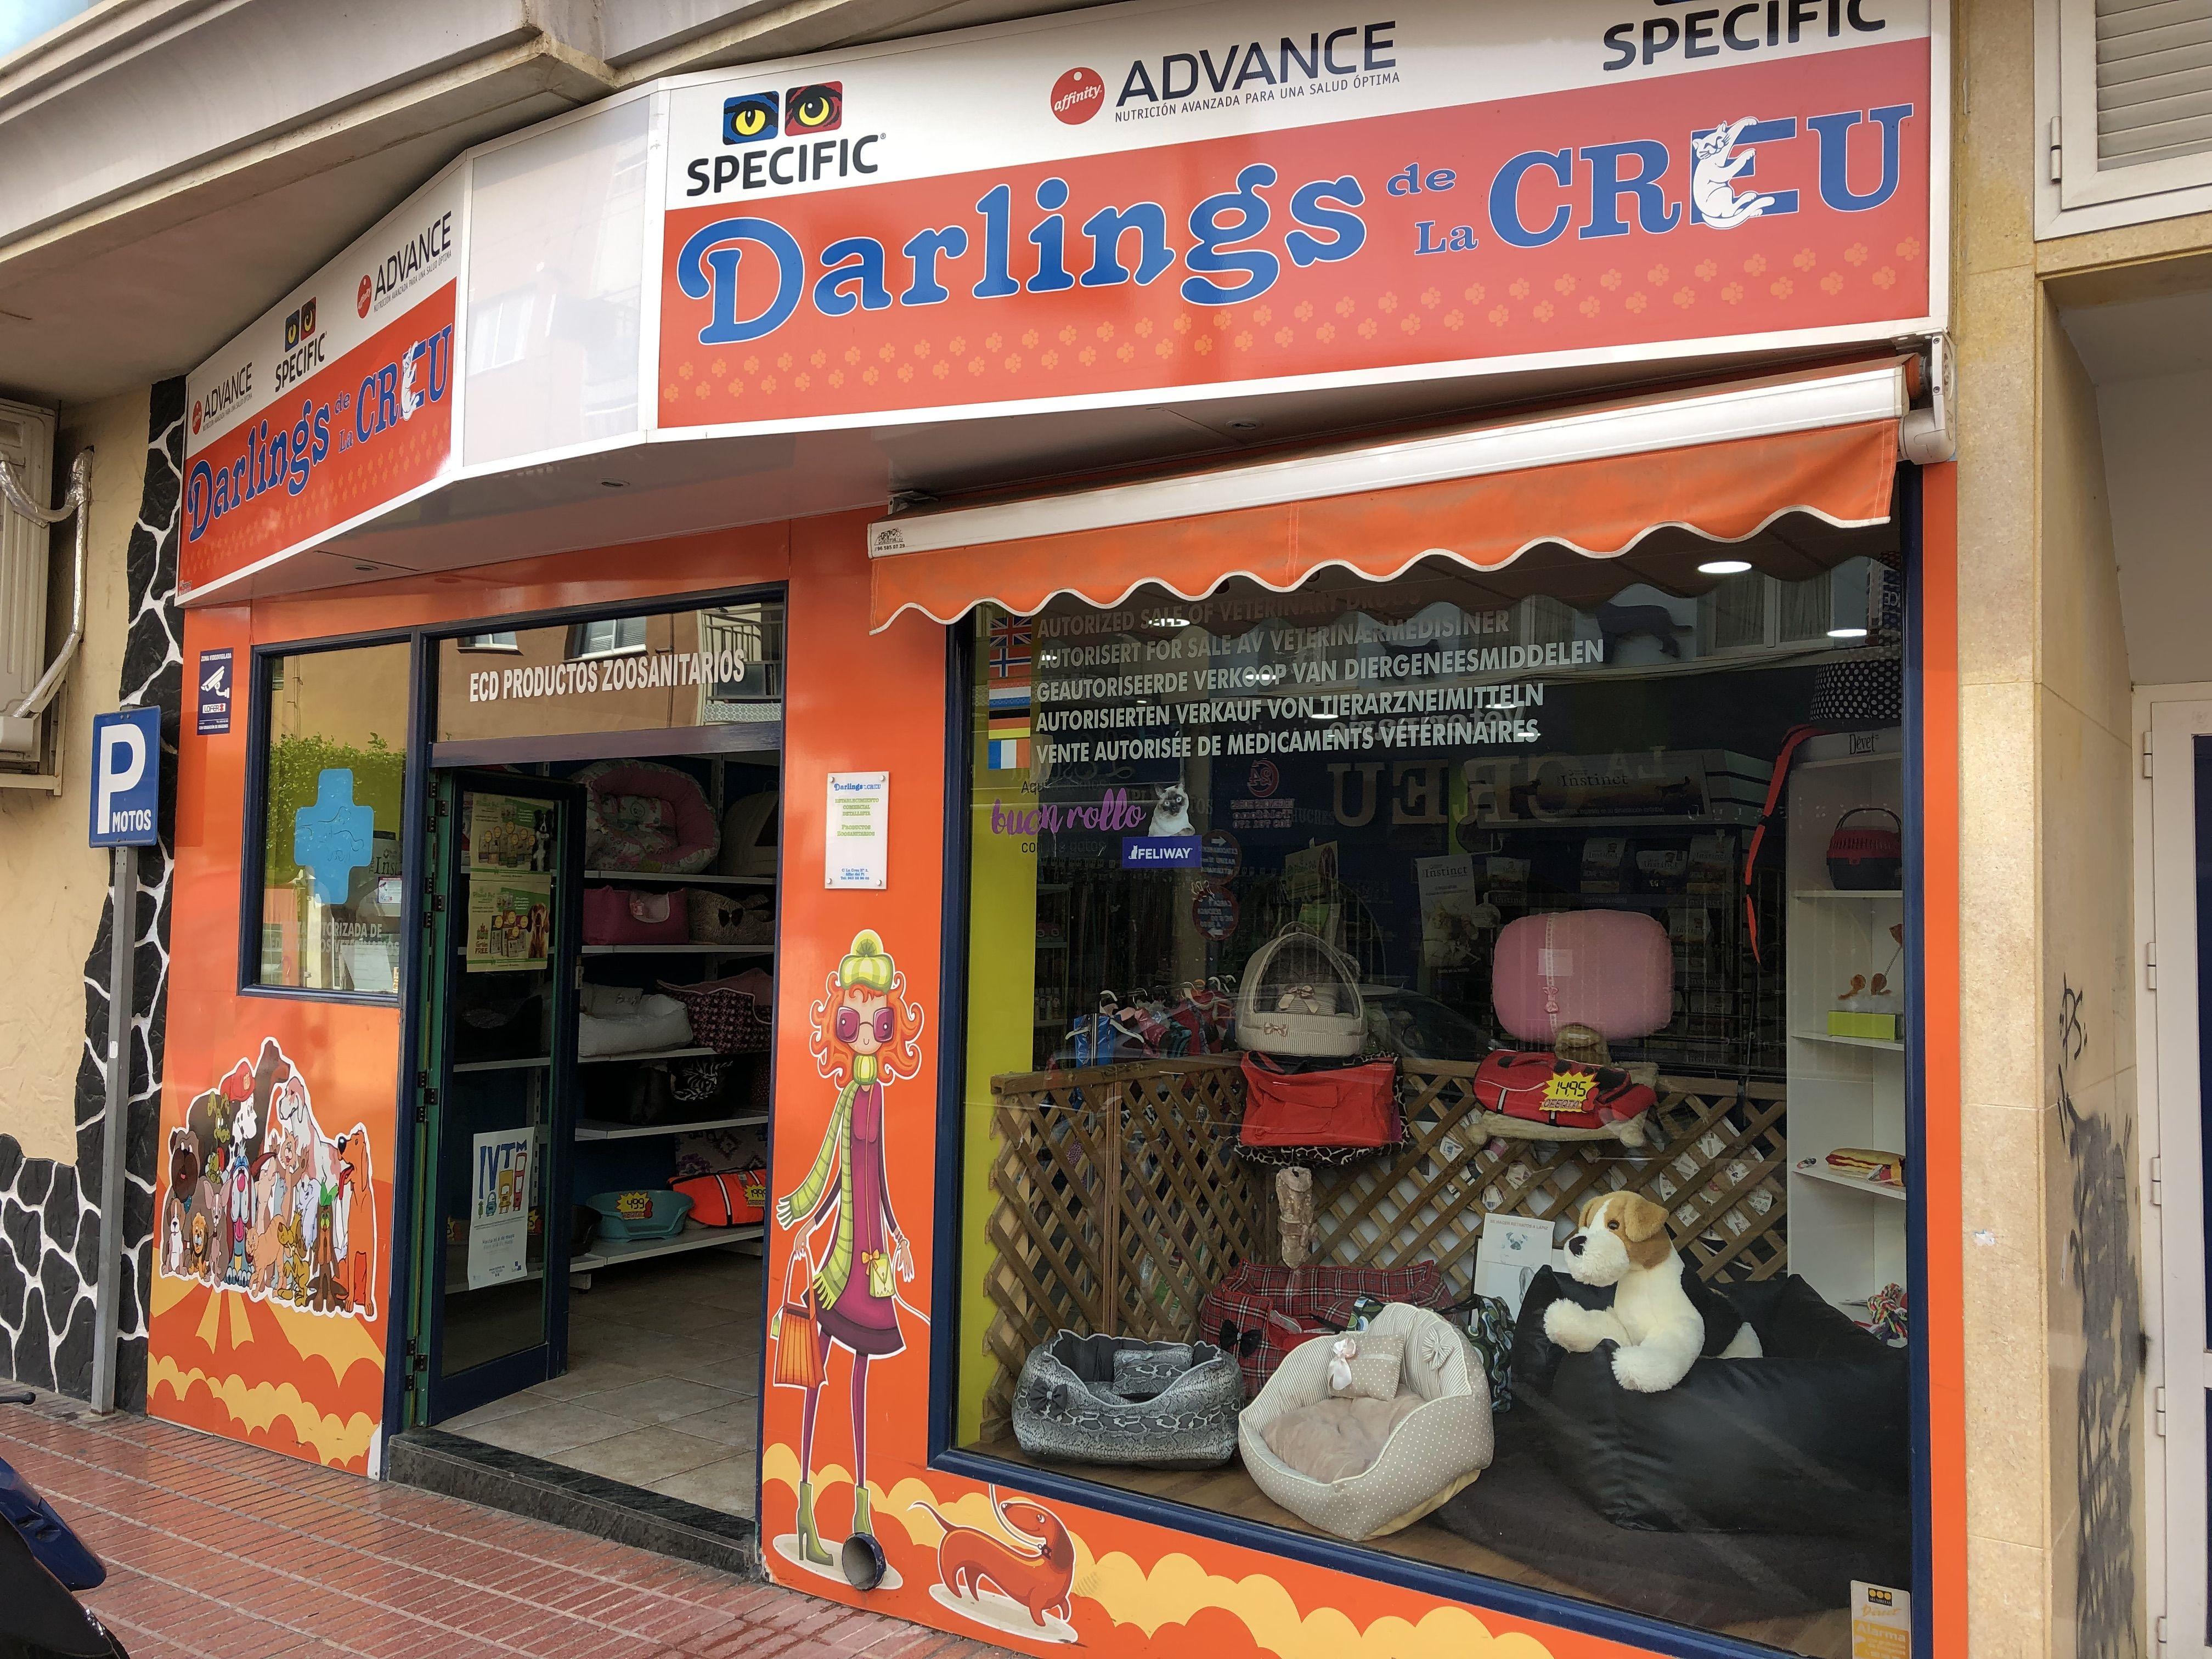 Tienda especializada en productos veterinarios